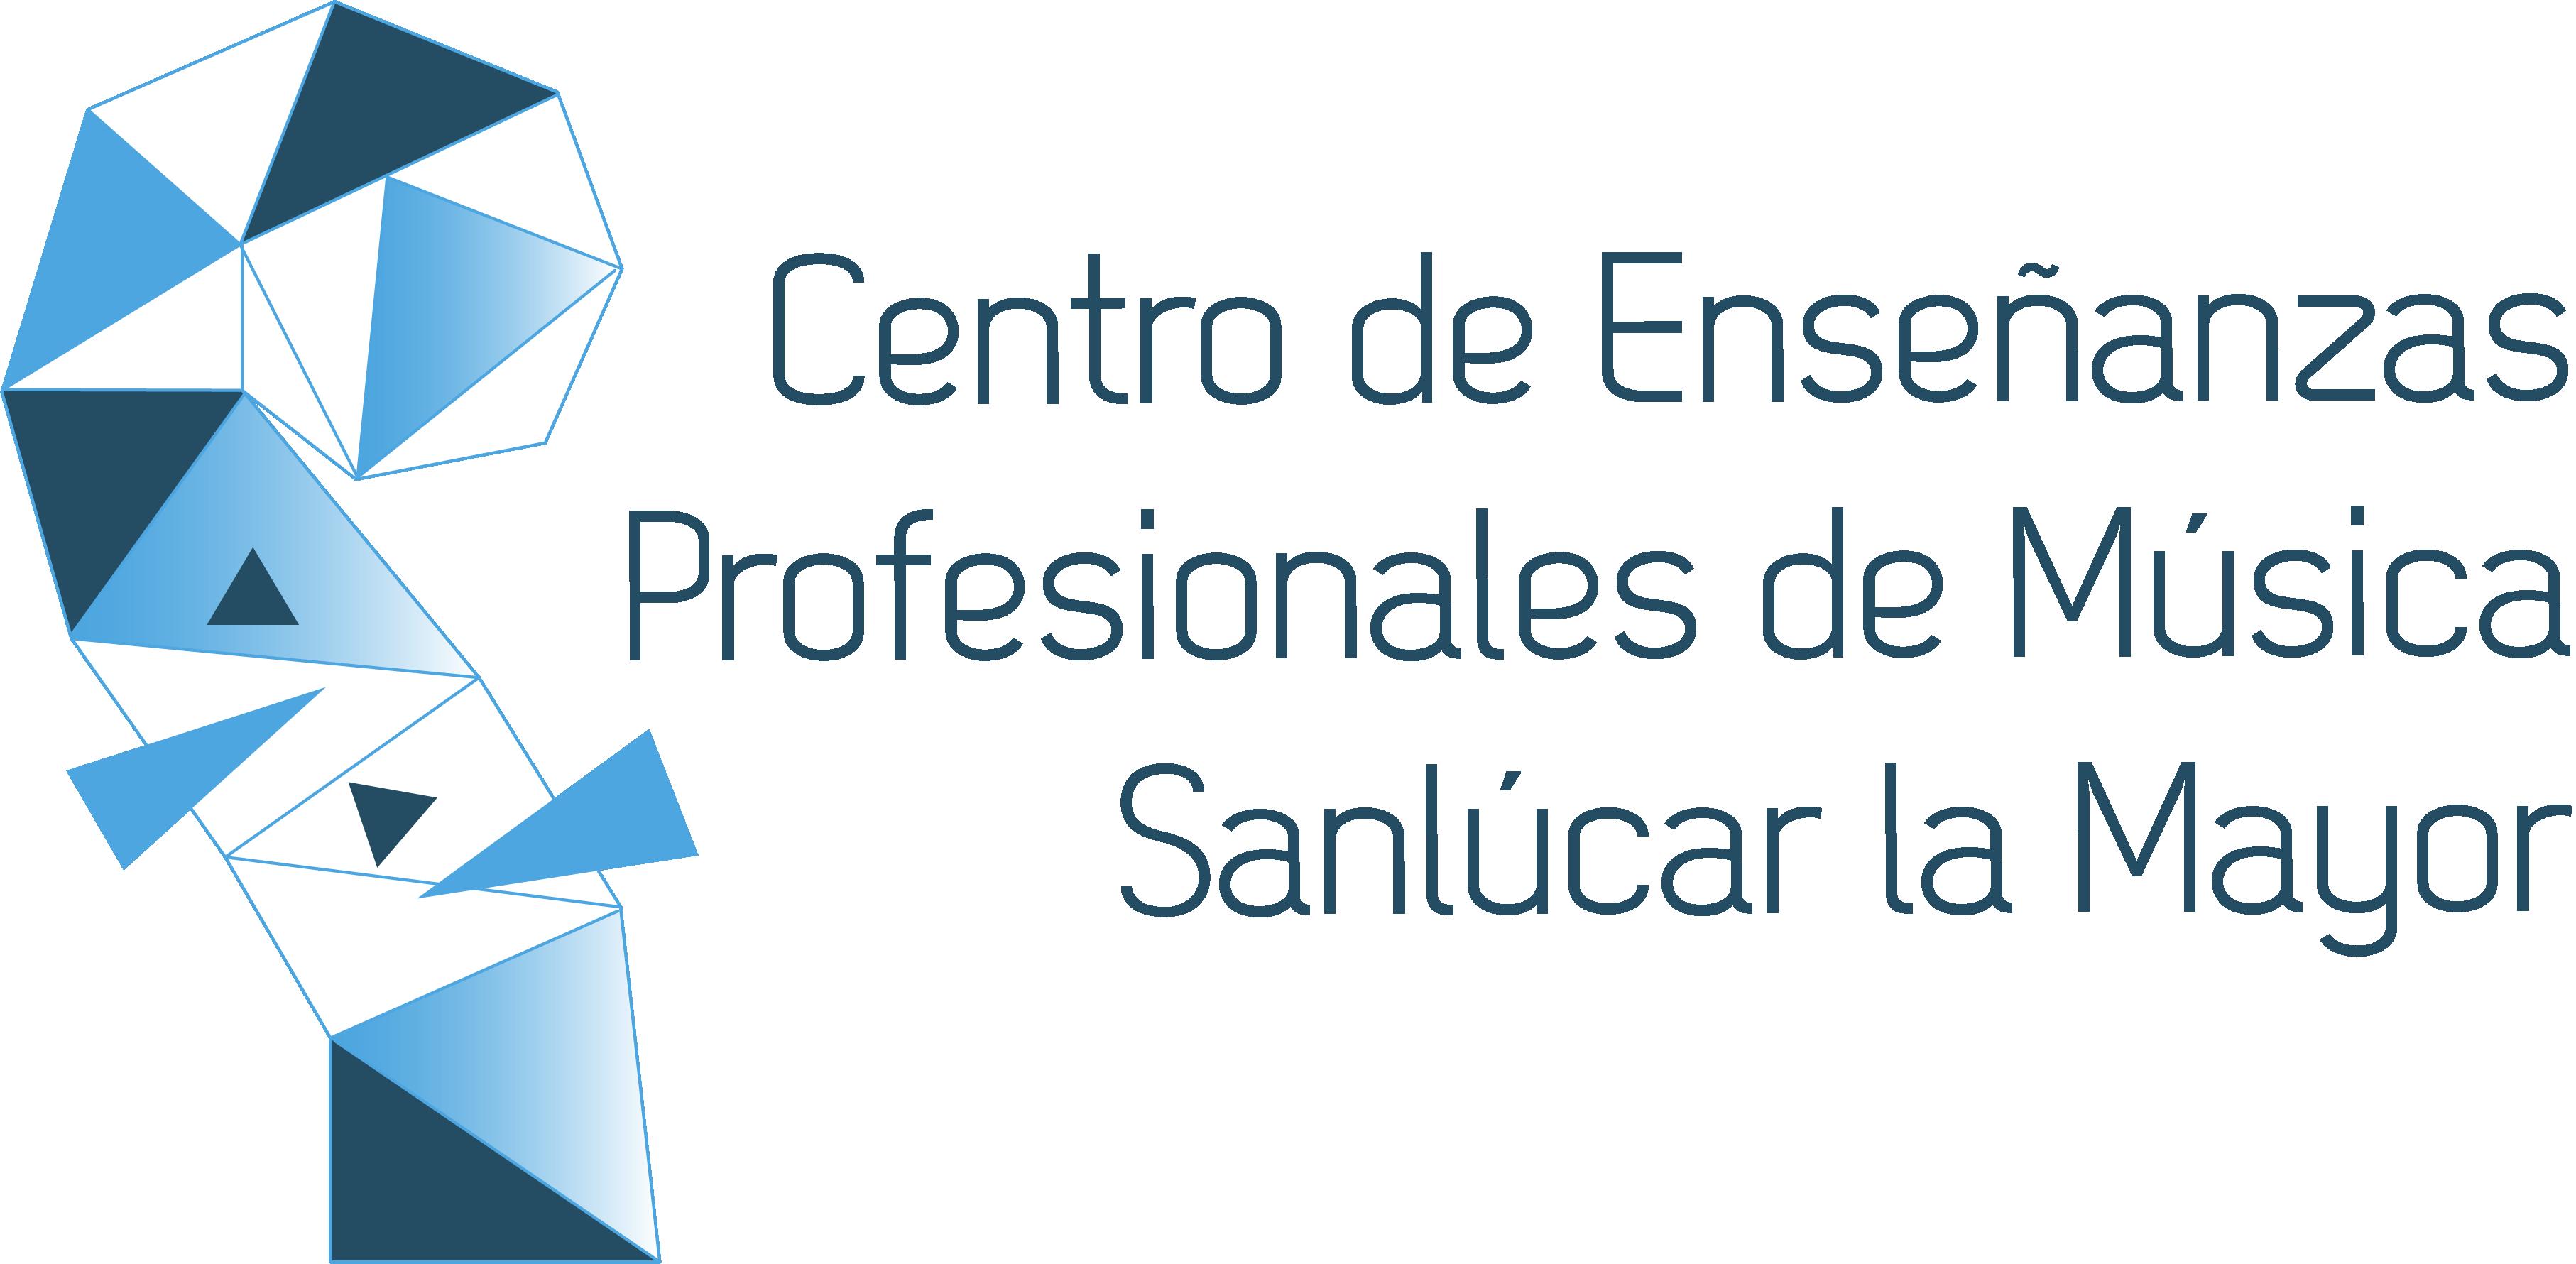 Centro de Enseñanzas Profesionales de Música